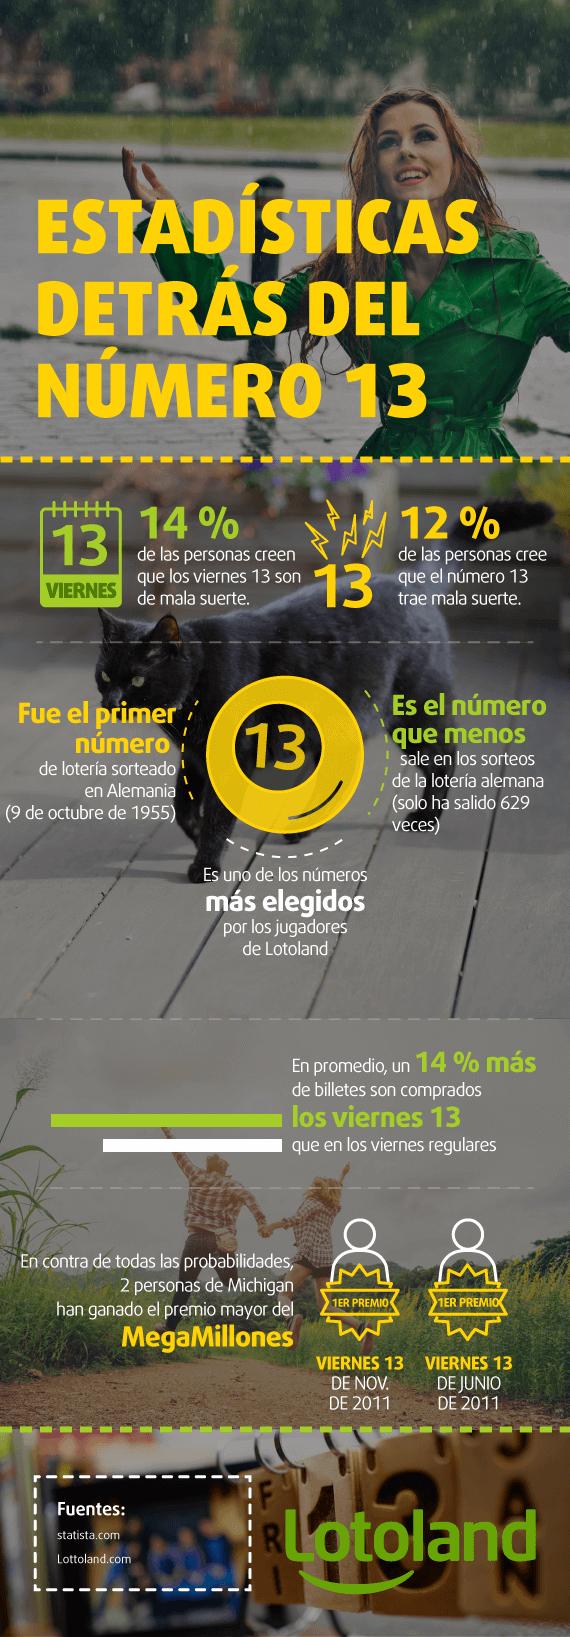 infografía sobre las estadísticas detrás del número 13